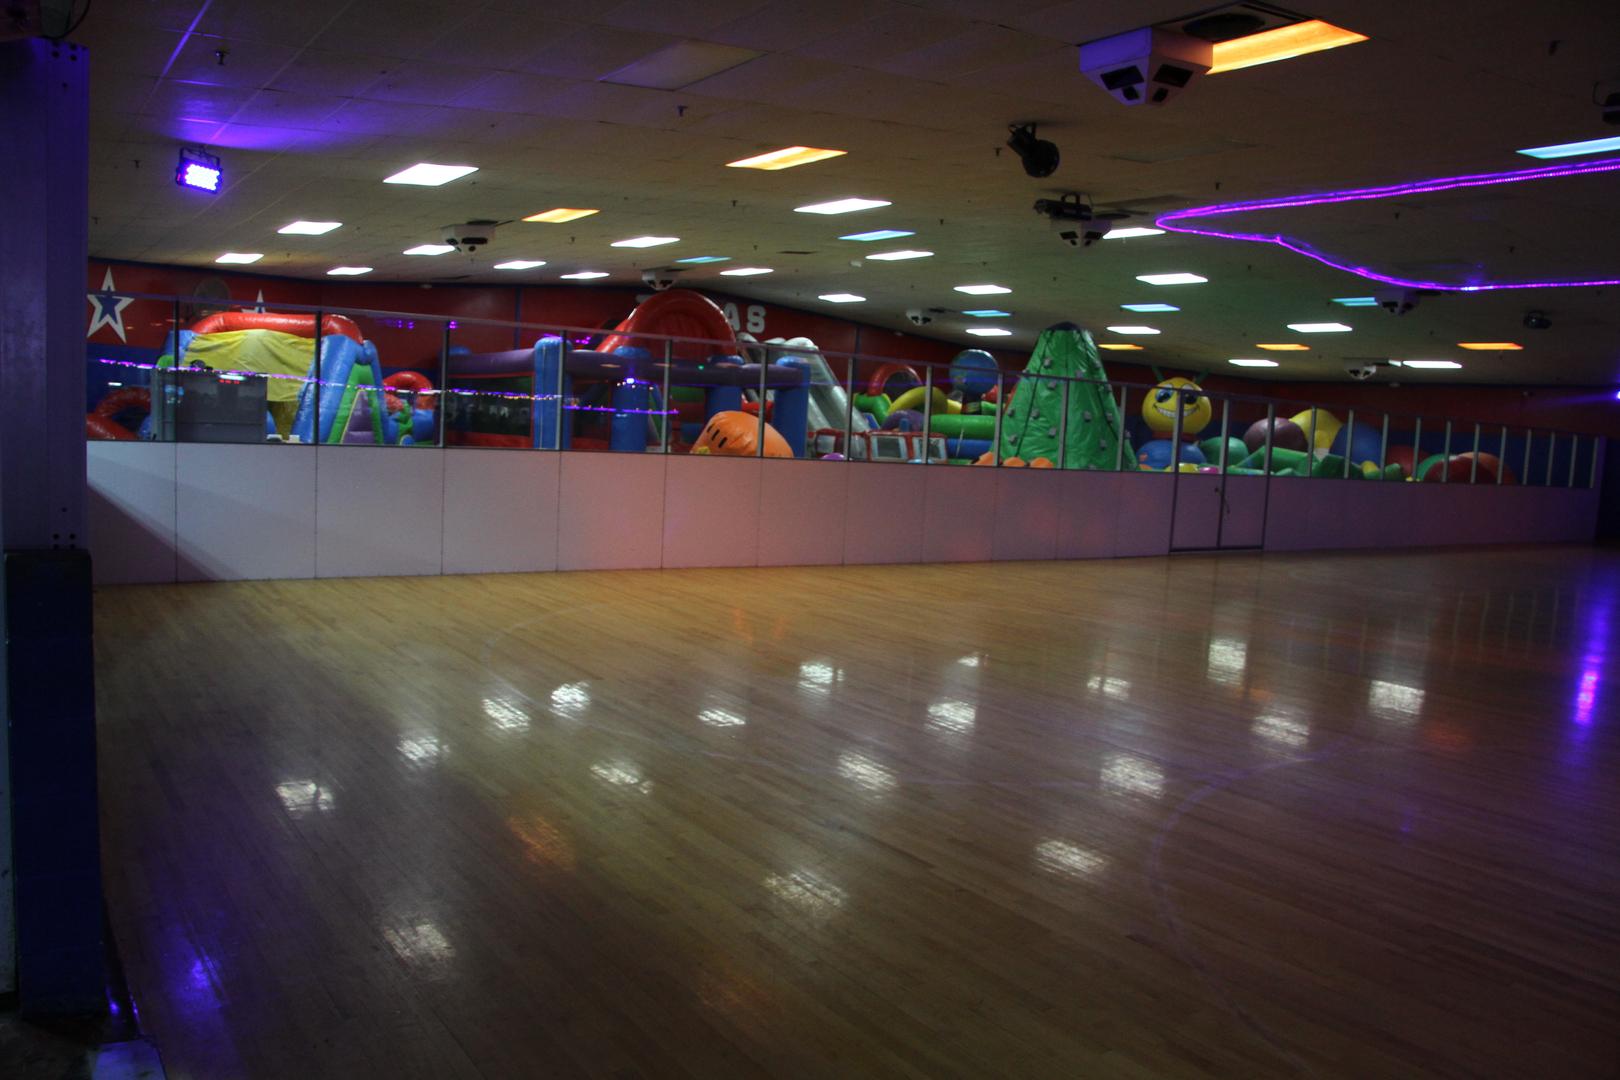 Roller skating rink huntsville al - Get Connected